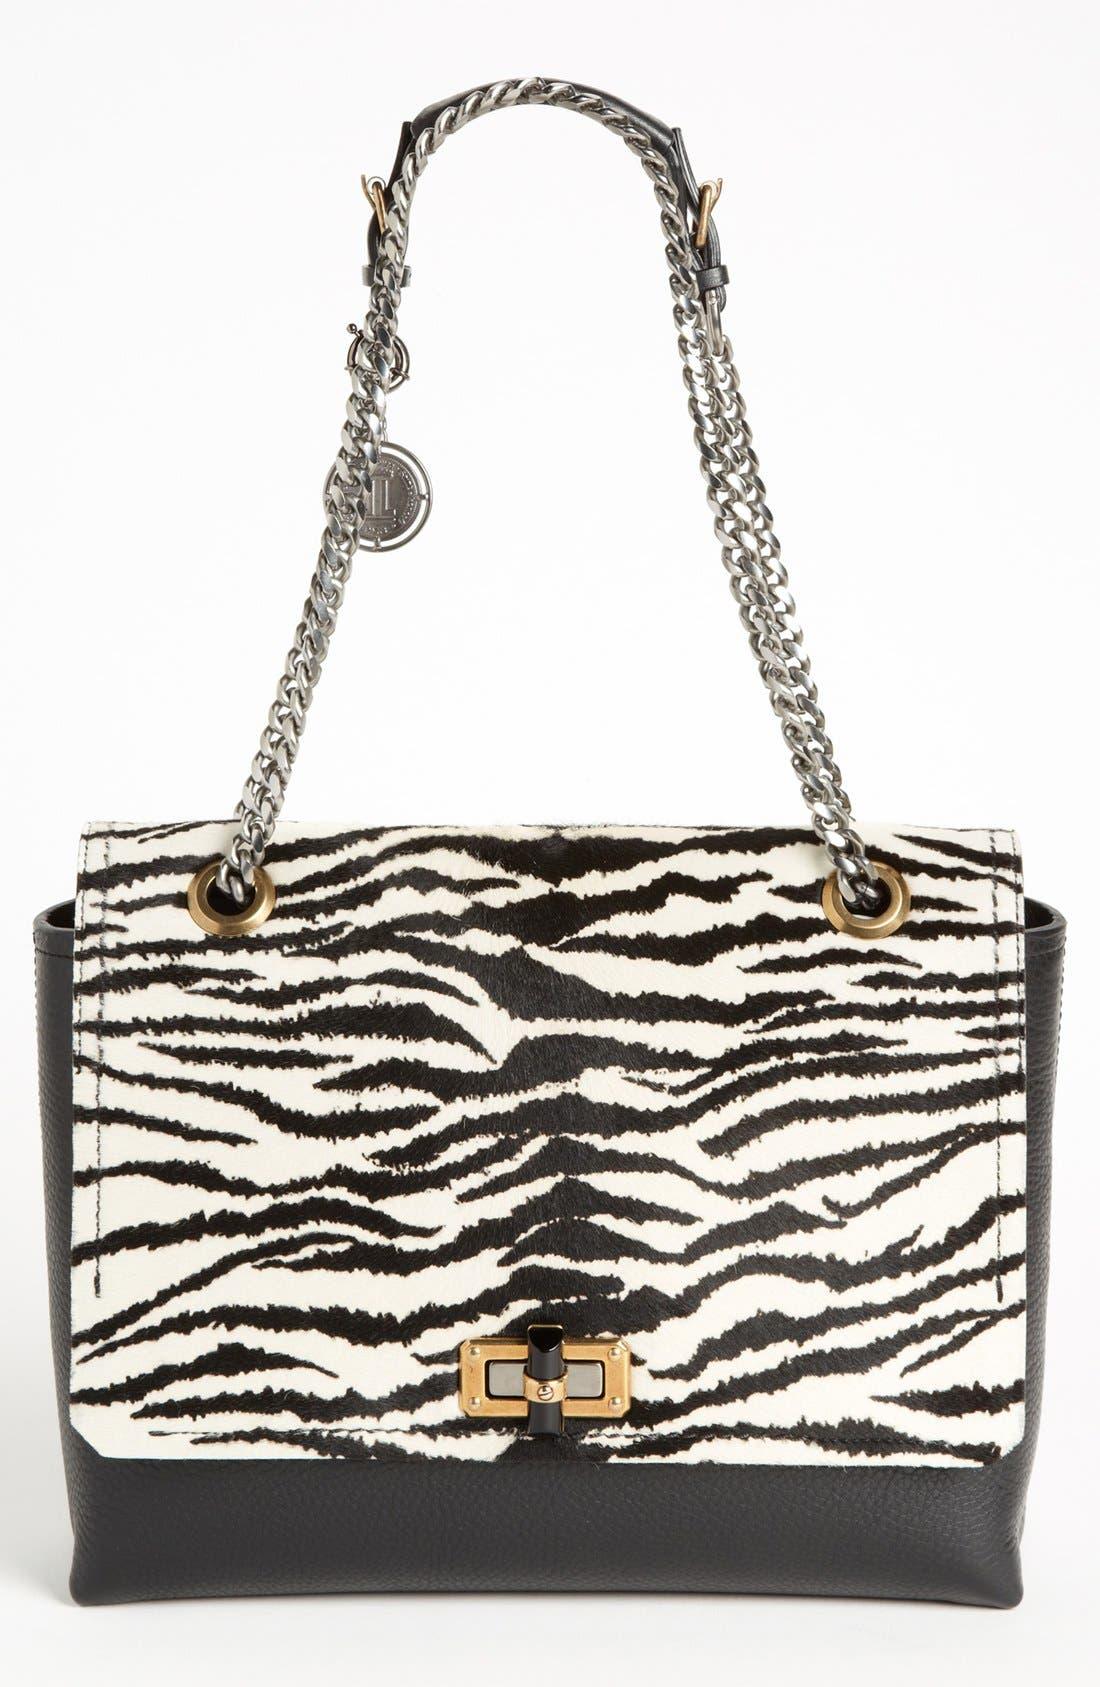 Main Image - Lanvin 'Happy Zebra' Calf Hair Flap Shoulder Bag